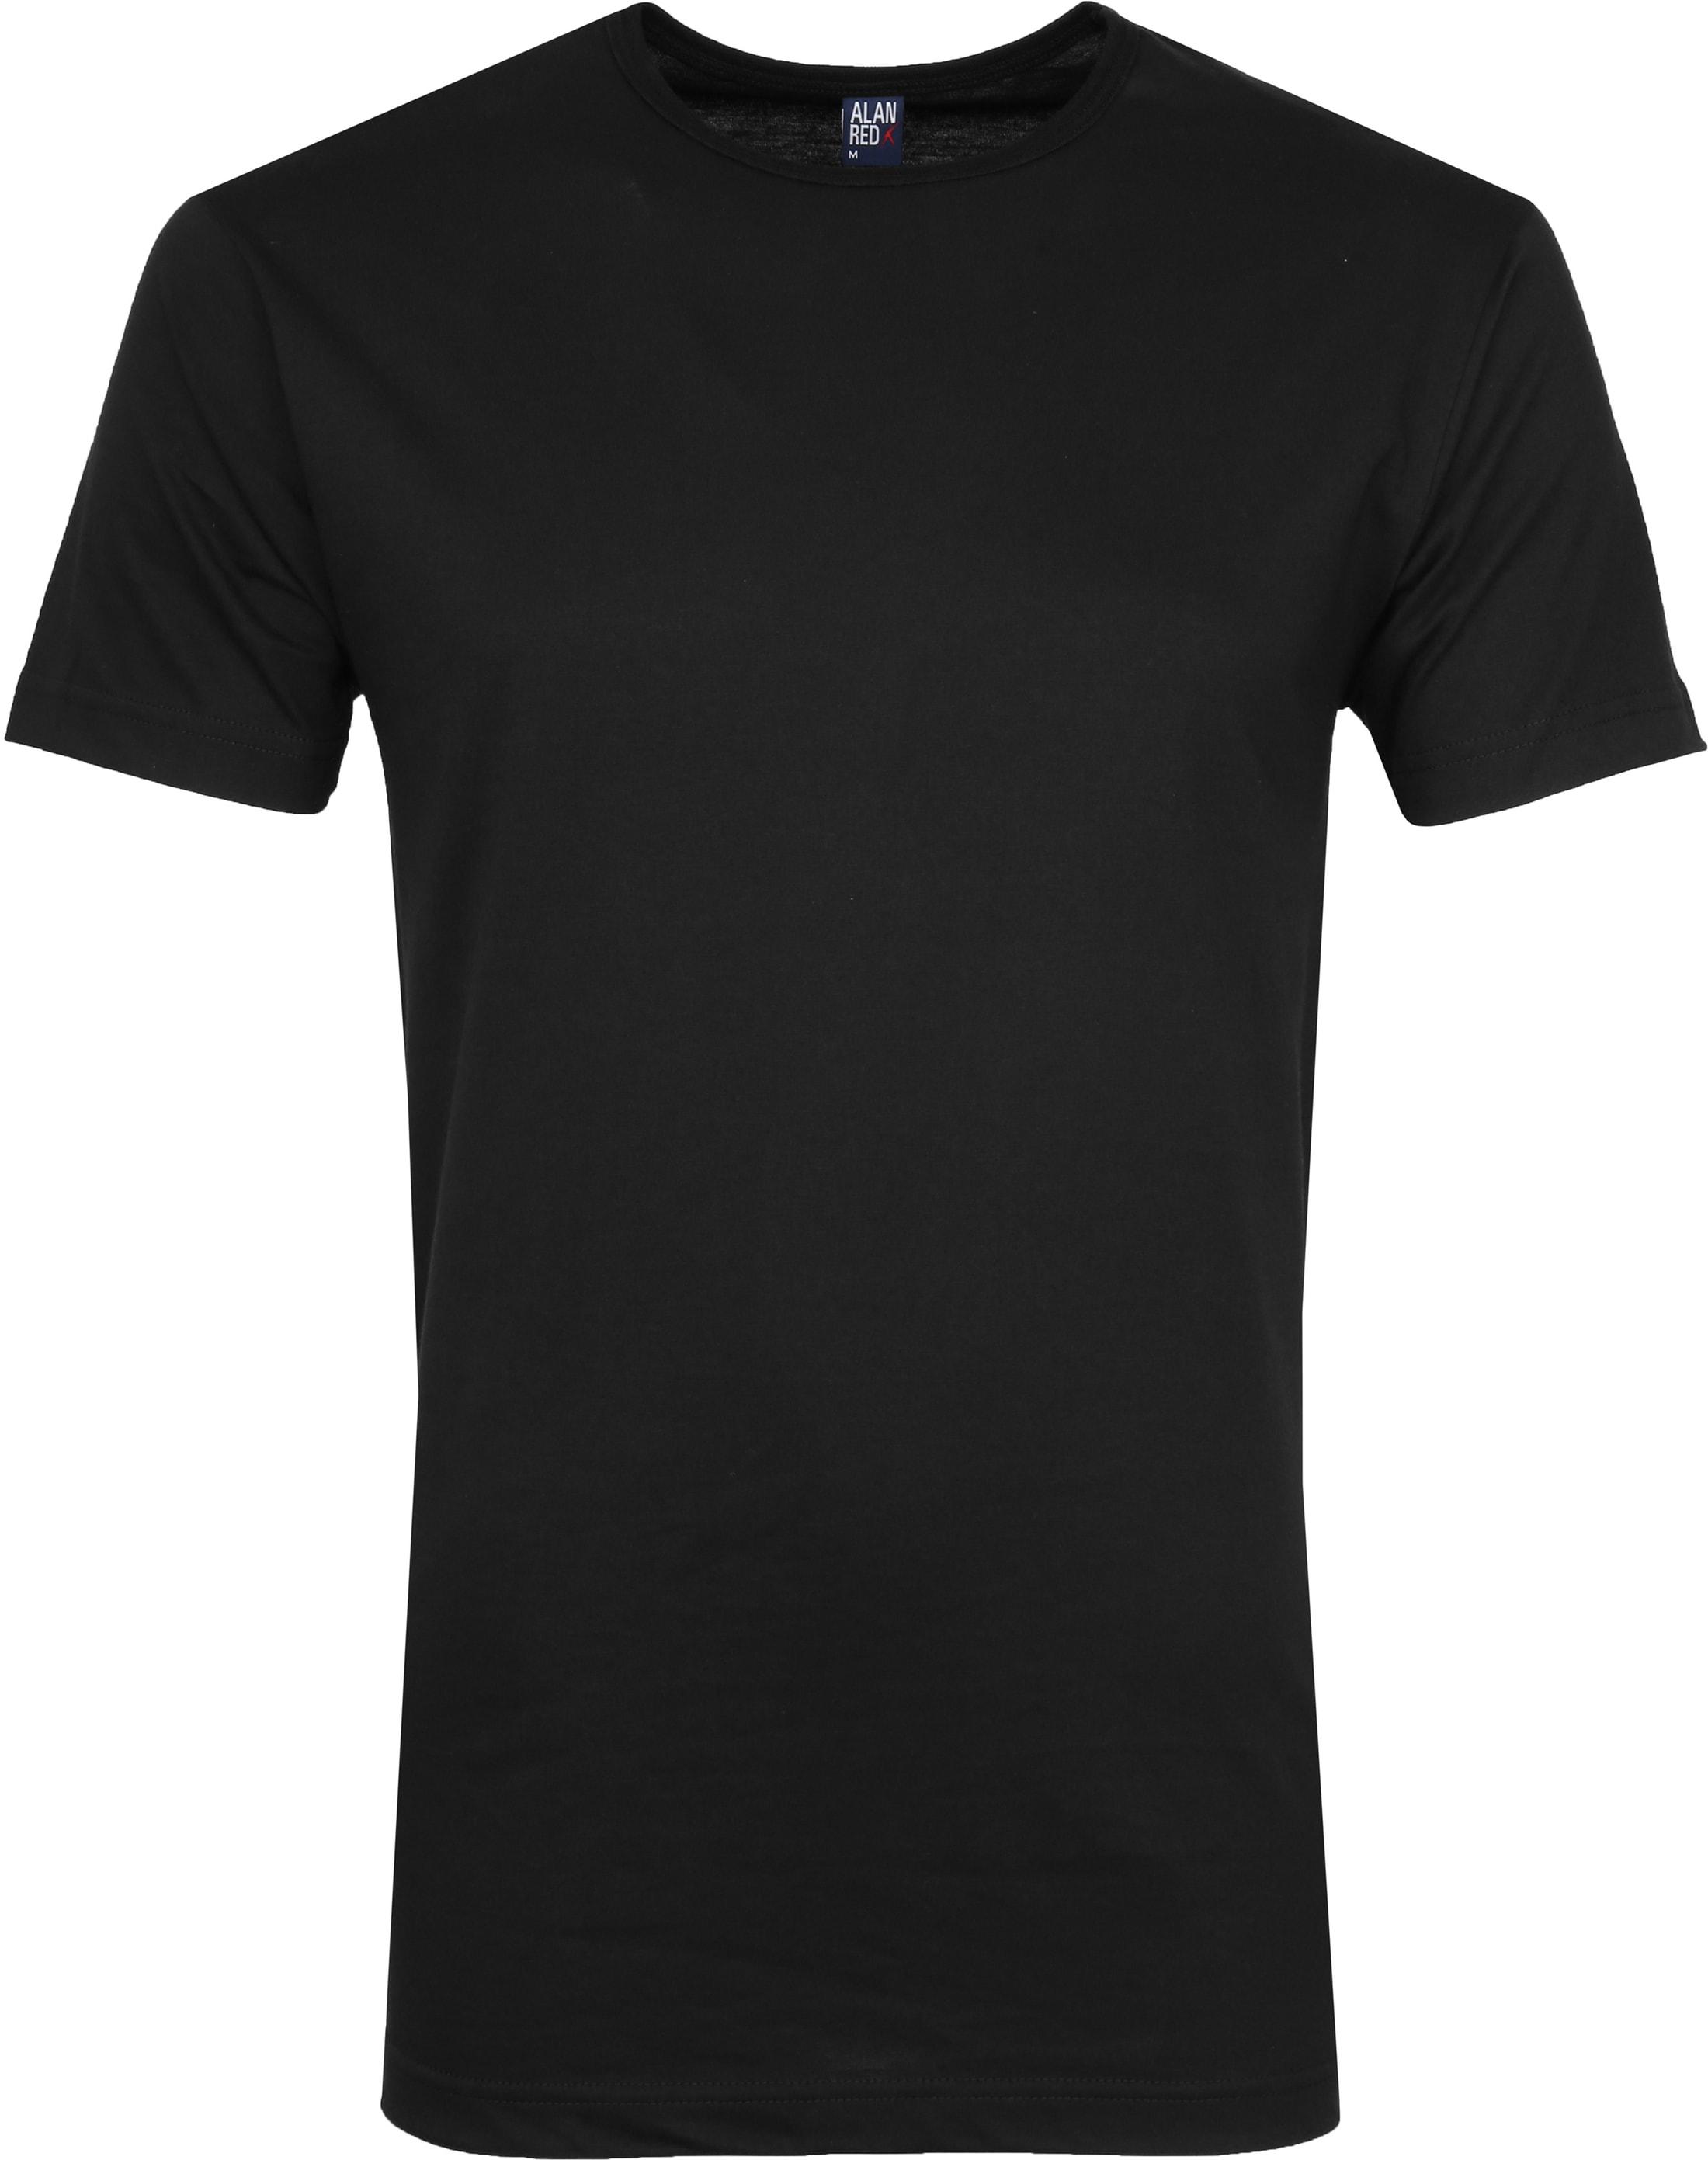 Alan Red Derby O-Hals T-Shirt Black (2Pack) foto 1